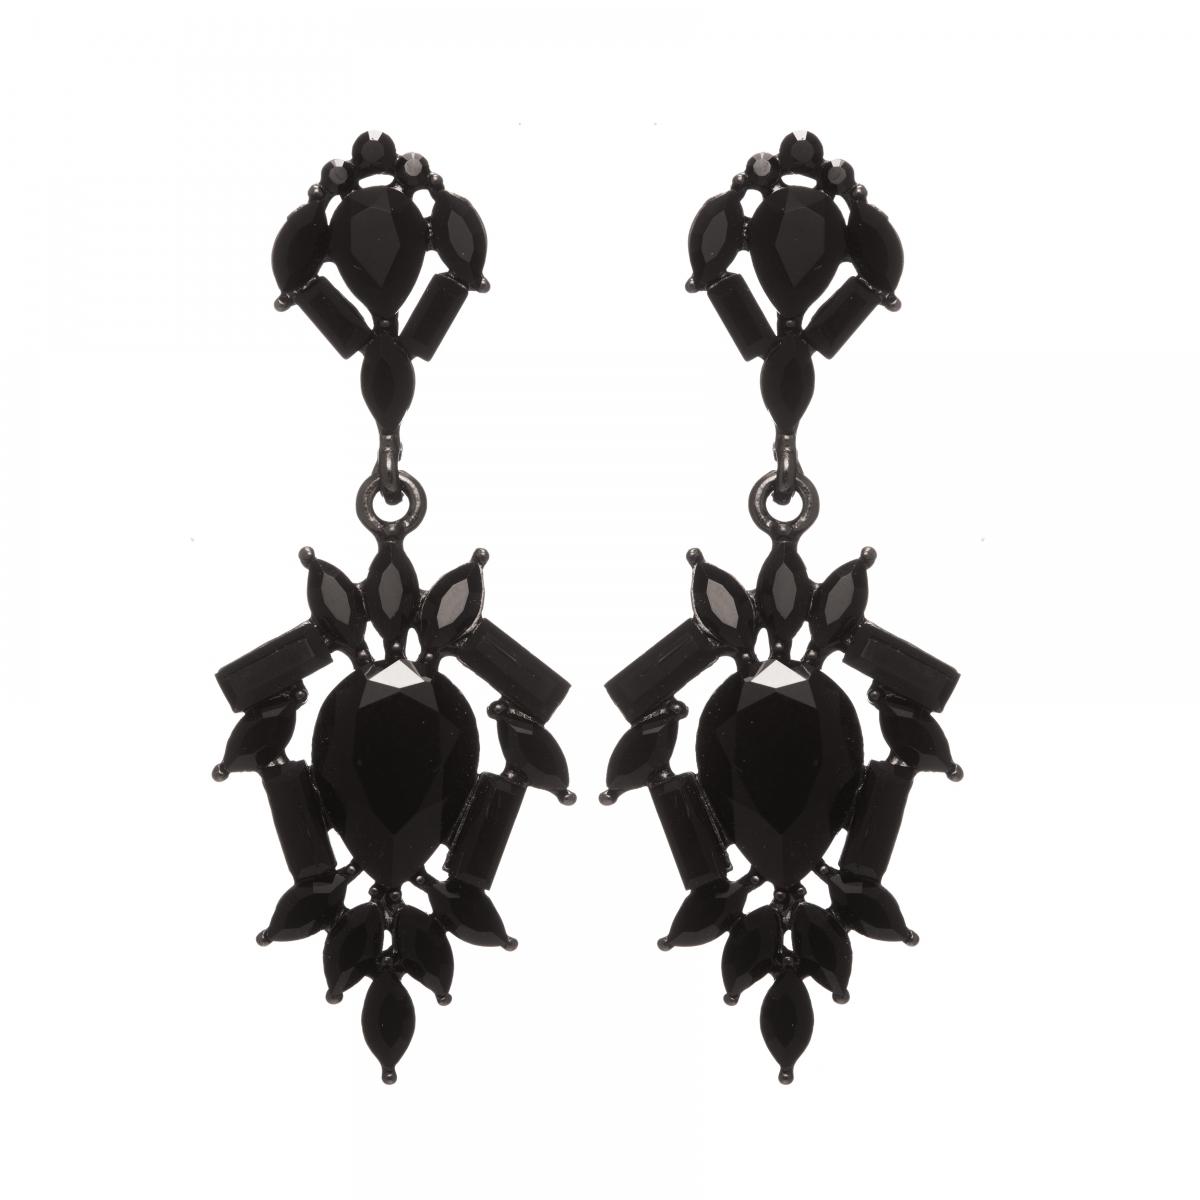 Náušnice Amelie Black Crystals Black Plated